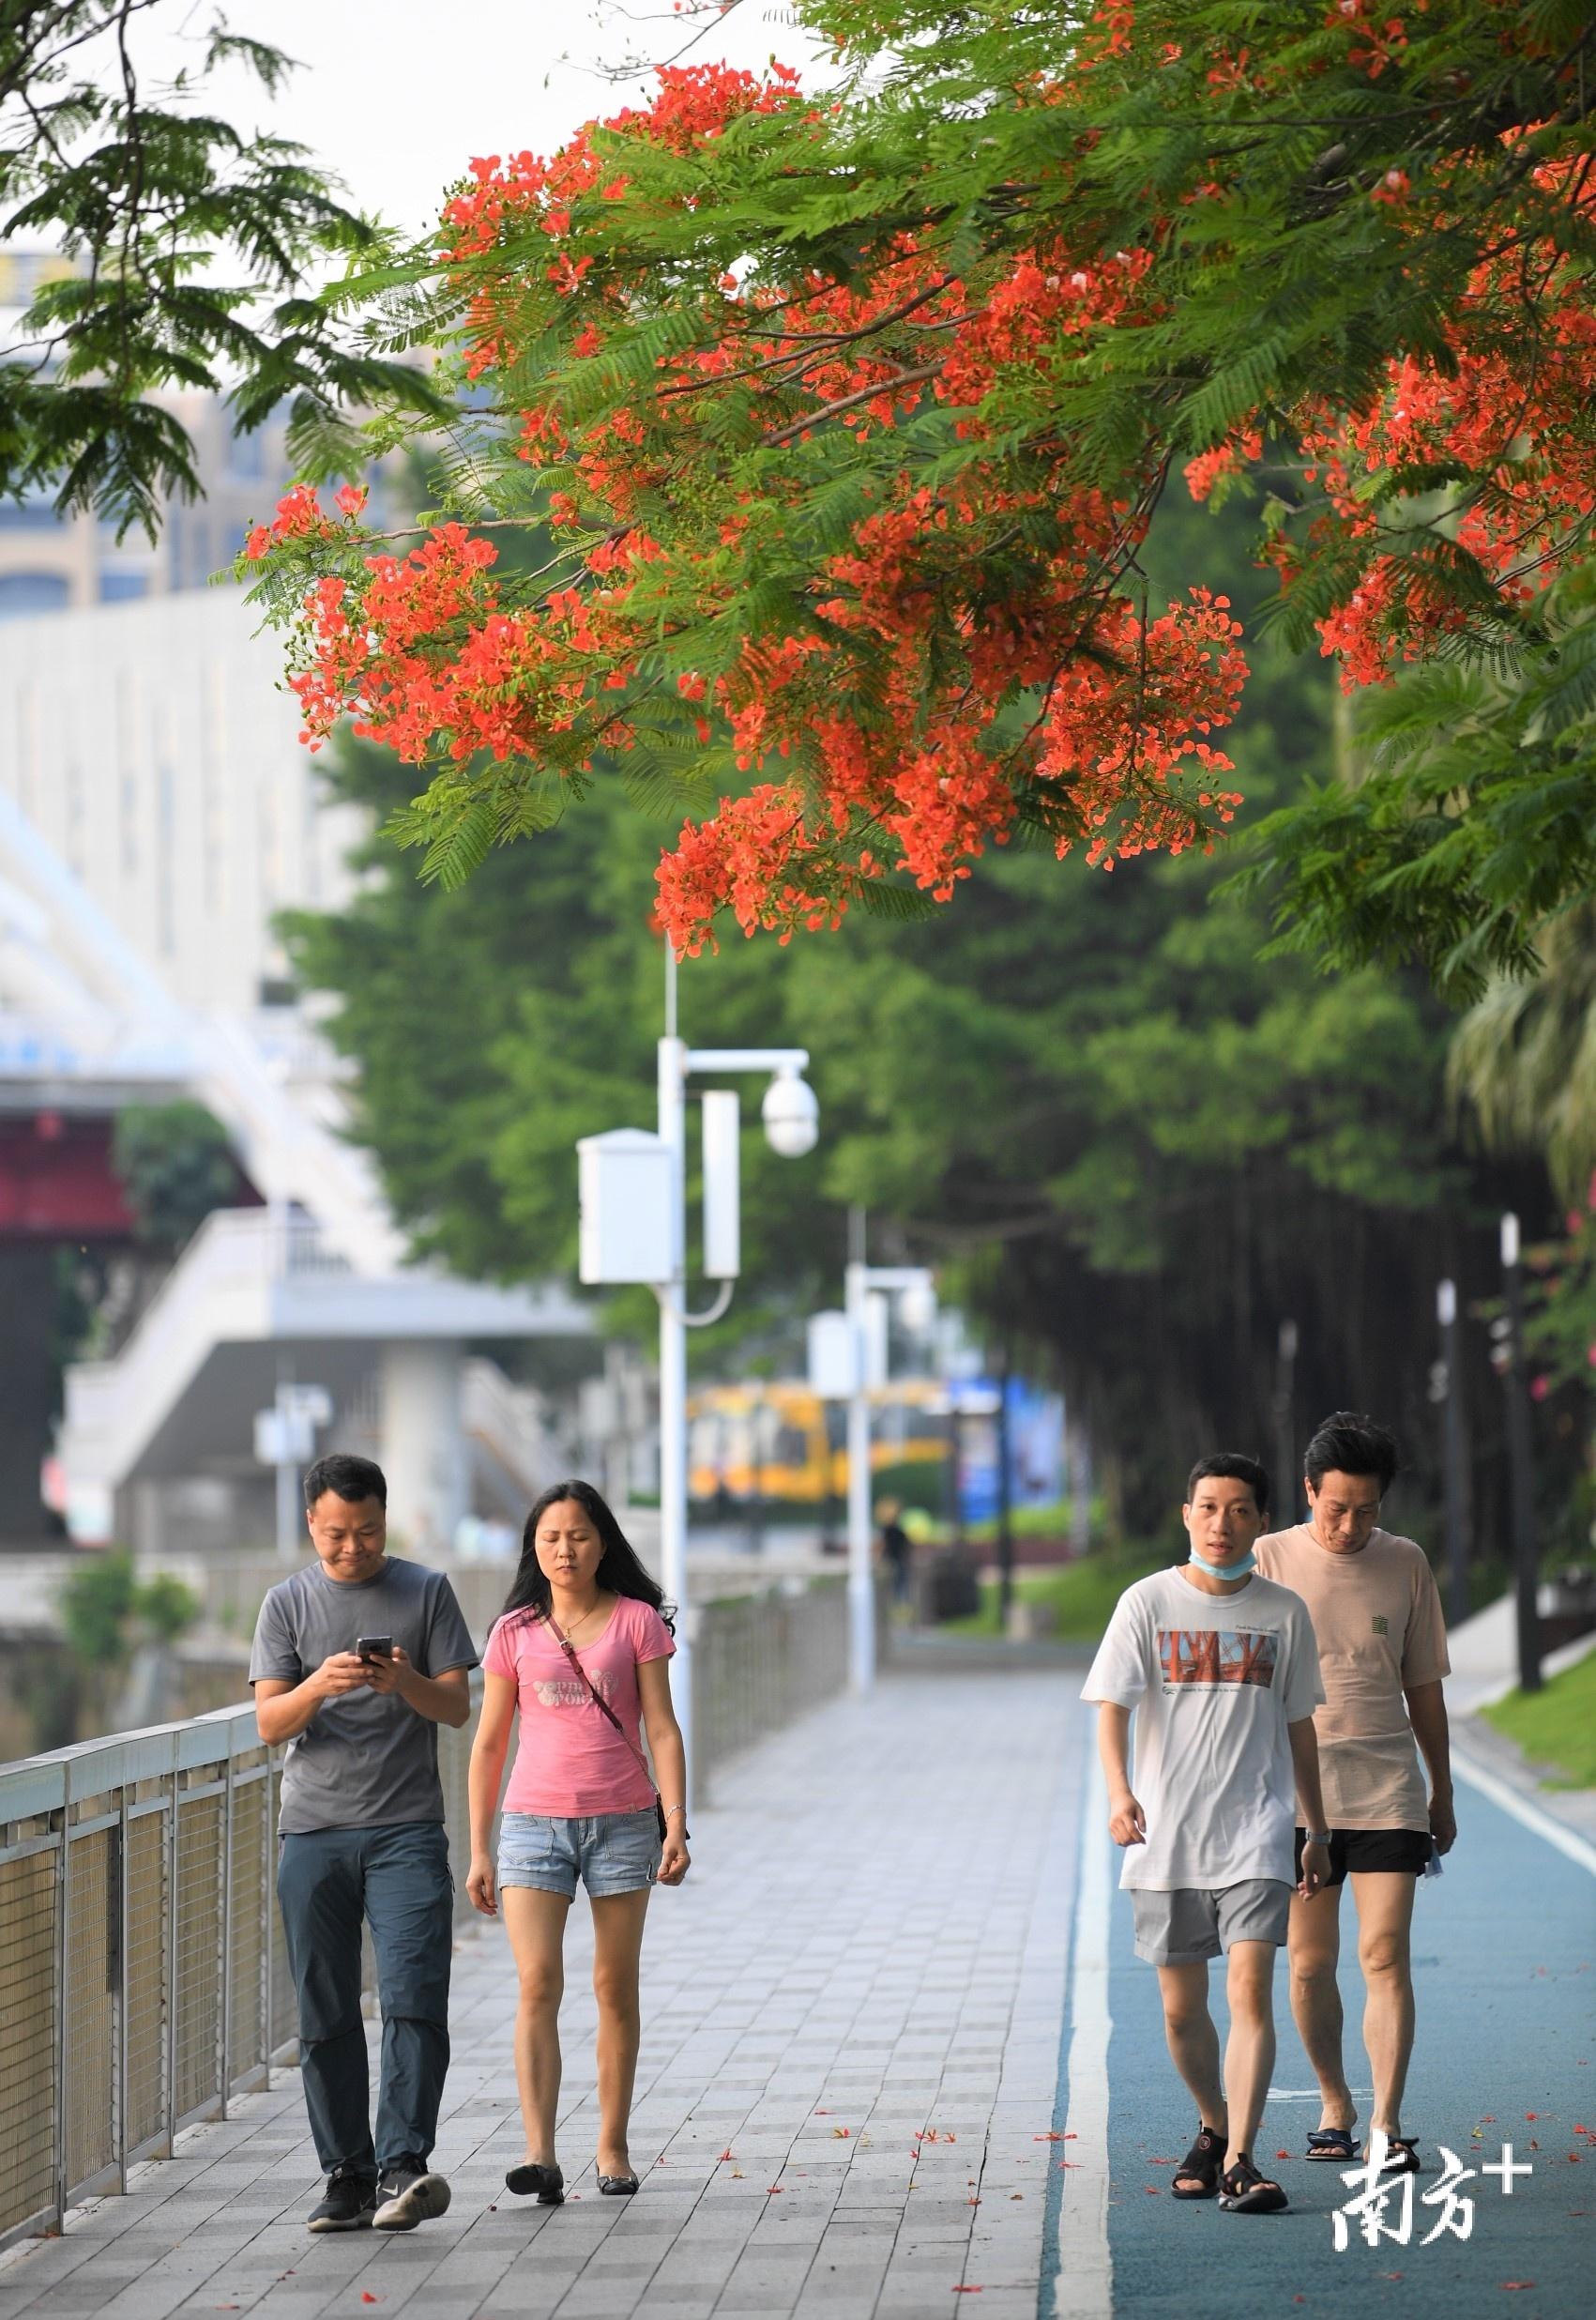 花下散步的人们。杨兴乐摄